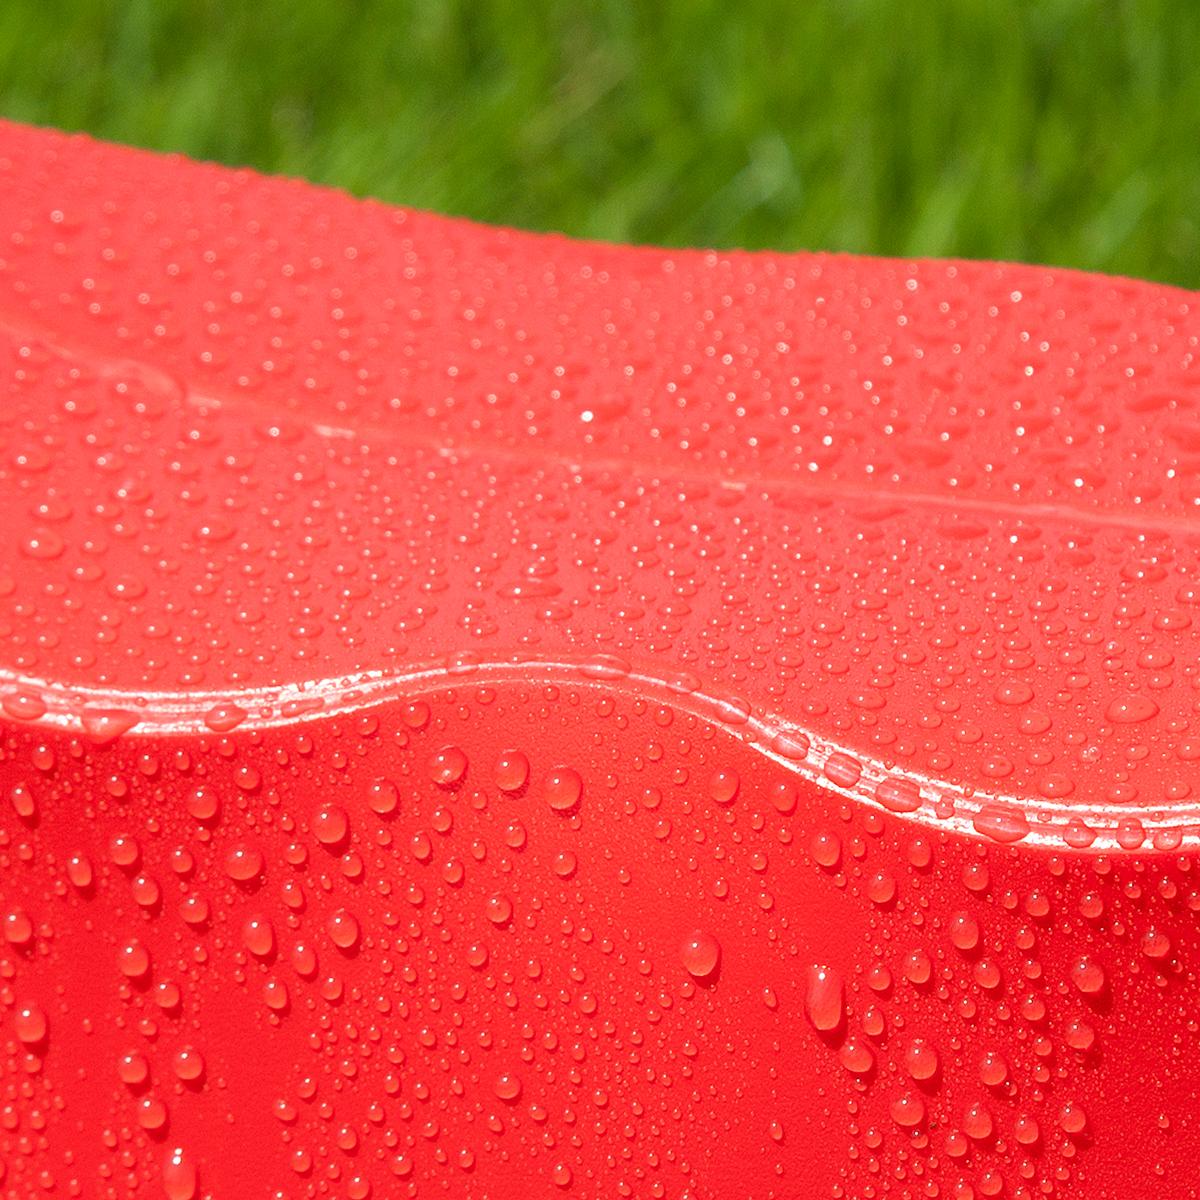 軽いのに強度があり、水に濡れても劣化しない発泡ポリプロピレンを使用。軽くて丈夫なのにコンパクトに薄く畳める、どこにでも持ち歩けるイス|PATATTO